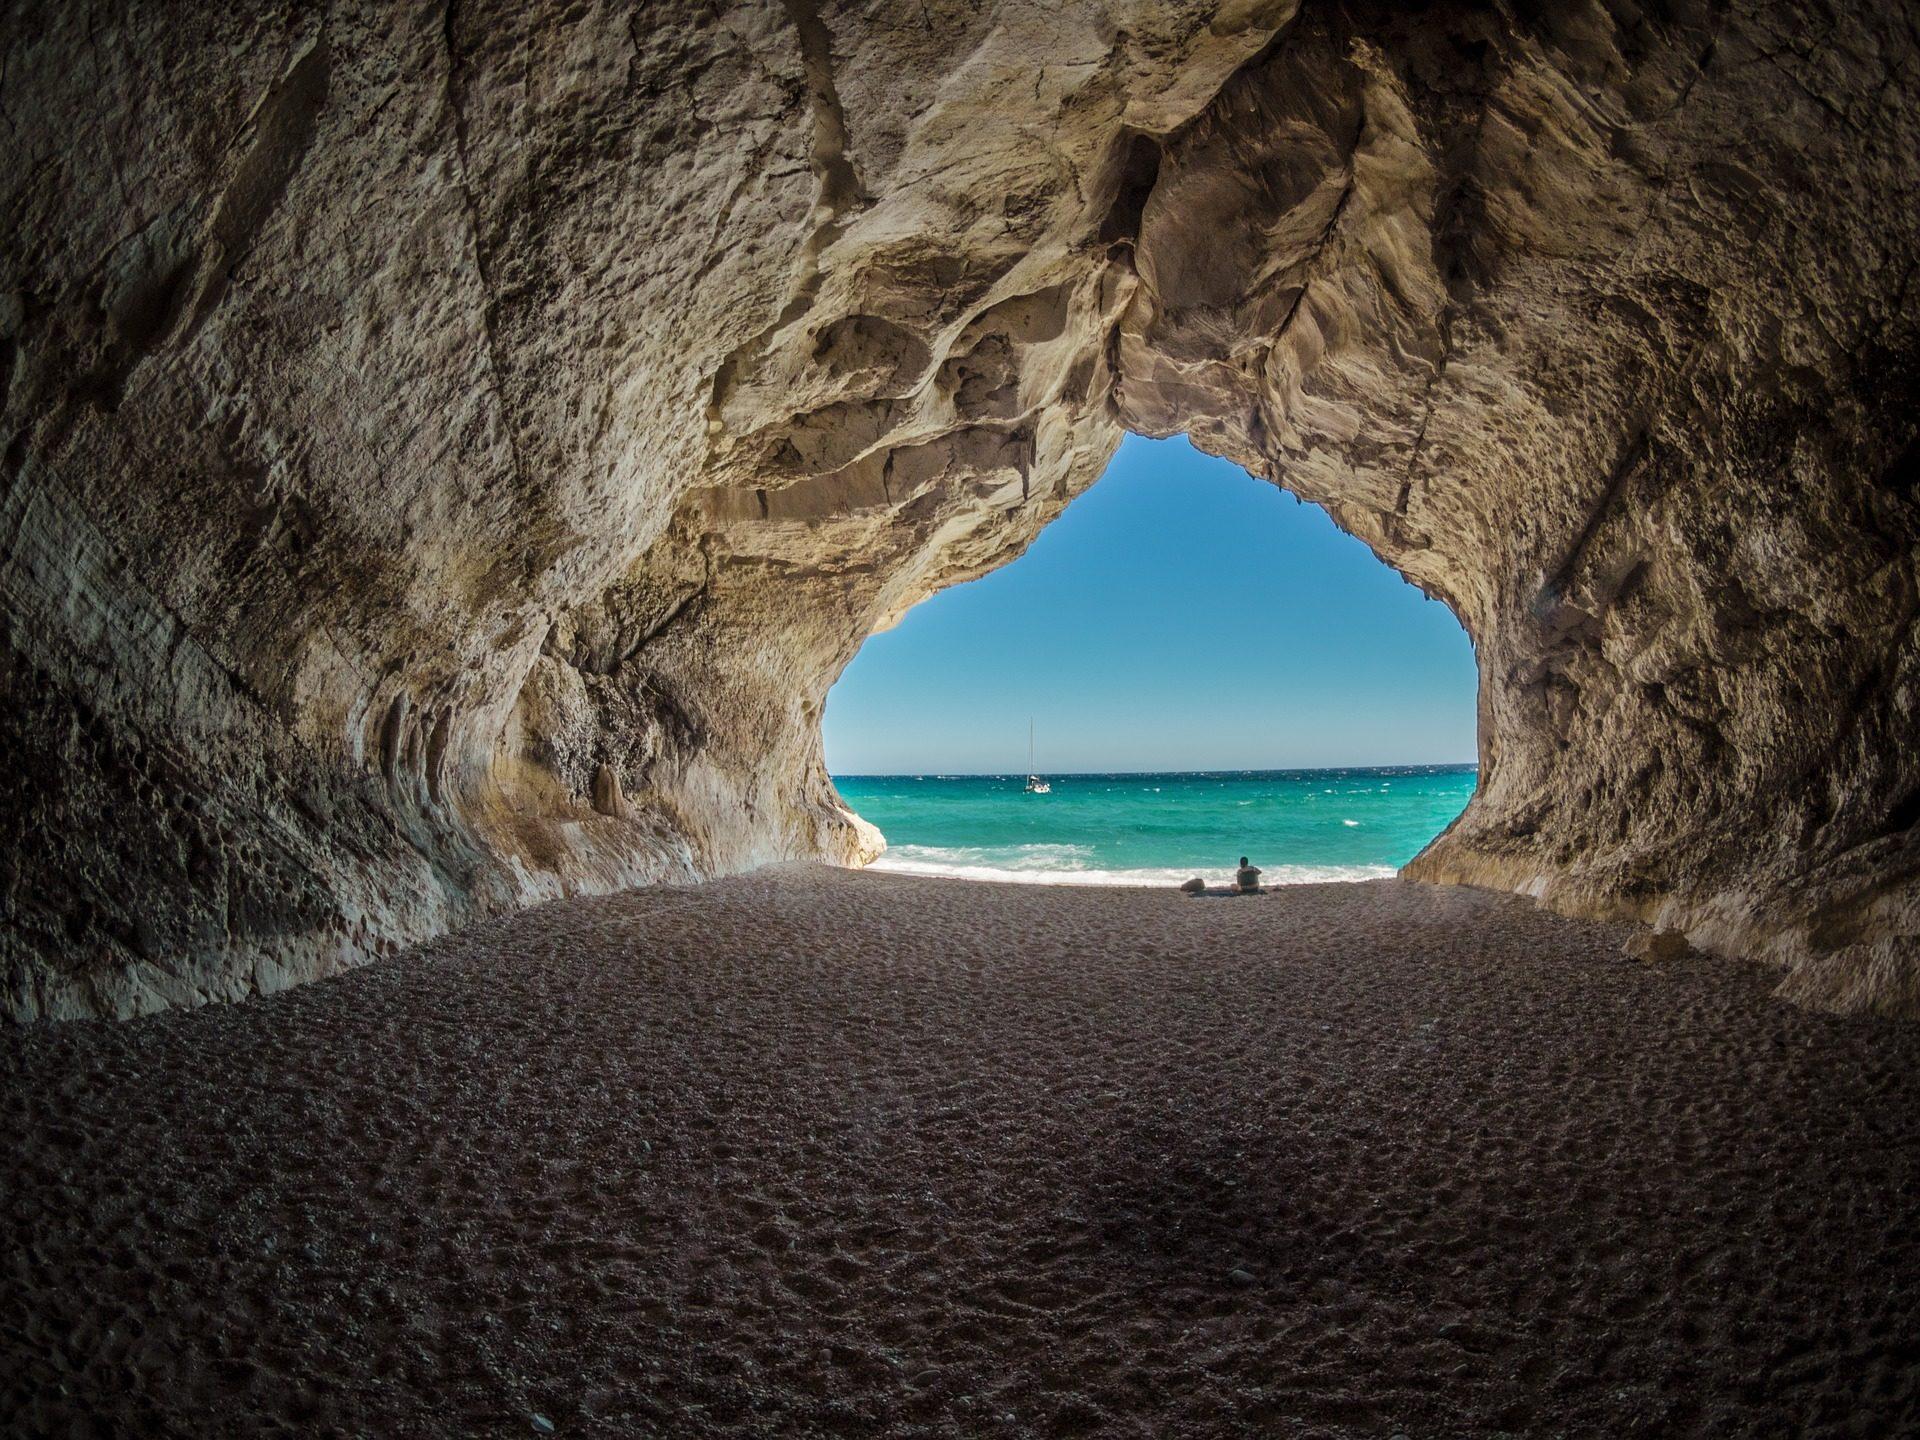 गुफा, समुद्र तट, आकाश, सागर, Cala gonone, इटली - HD वॉलपेपर - प्रोफेसर-falken.com